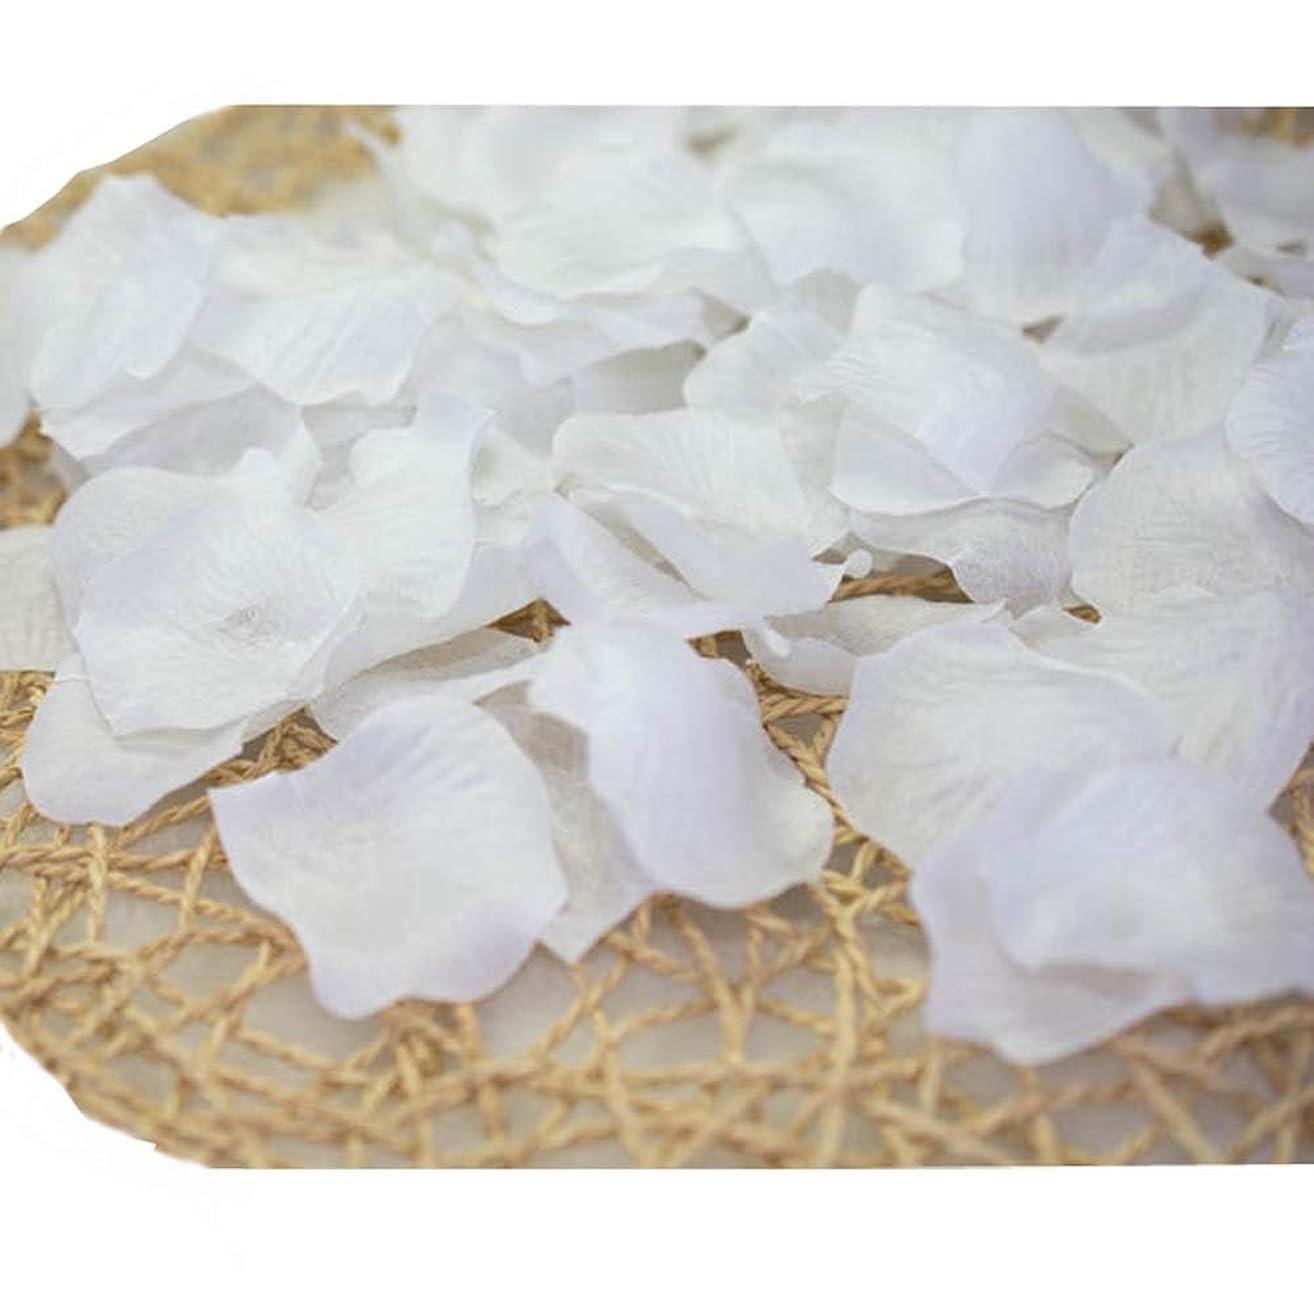 凍った裁判所ロンドン結婚式のための人工花びら白840のセット